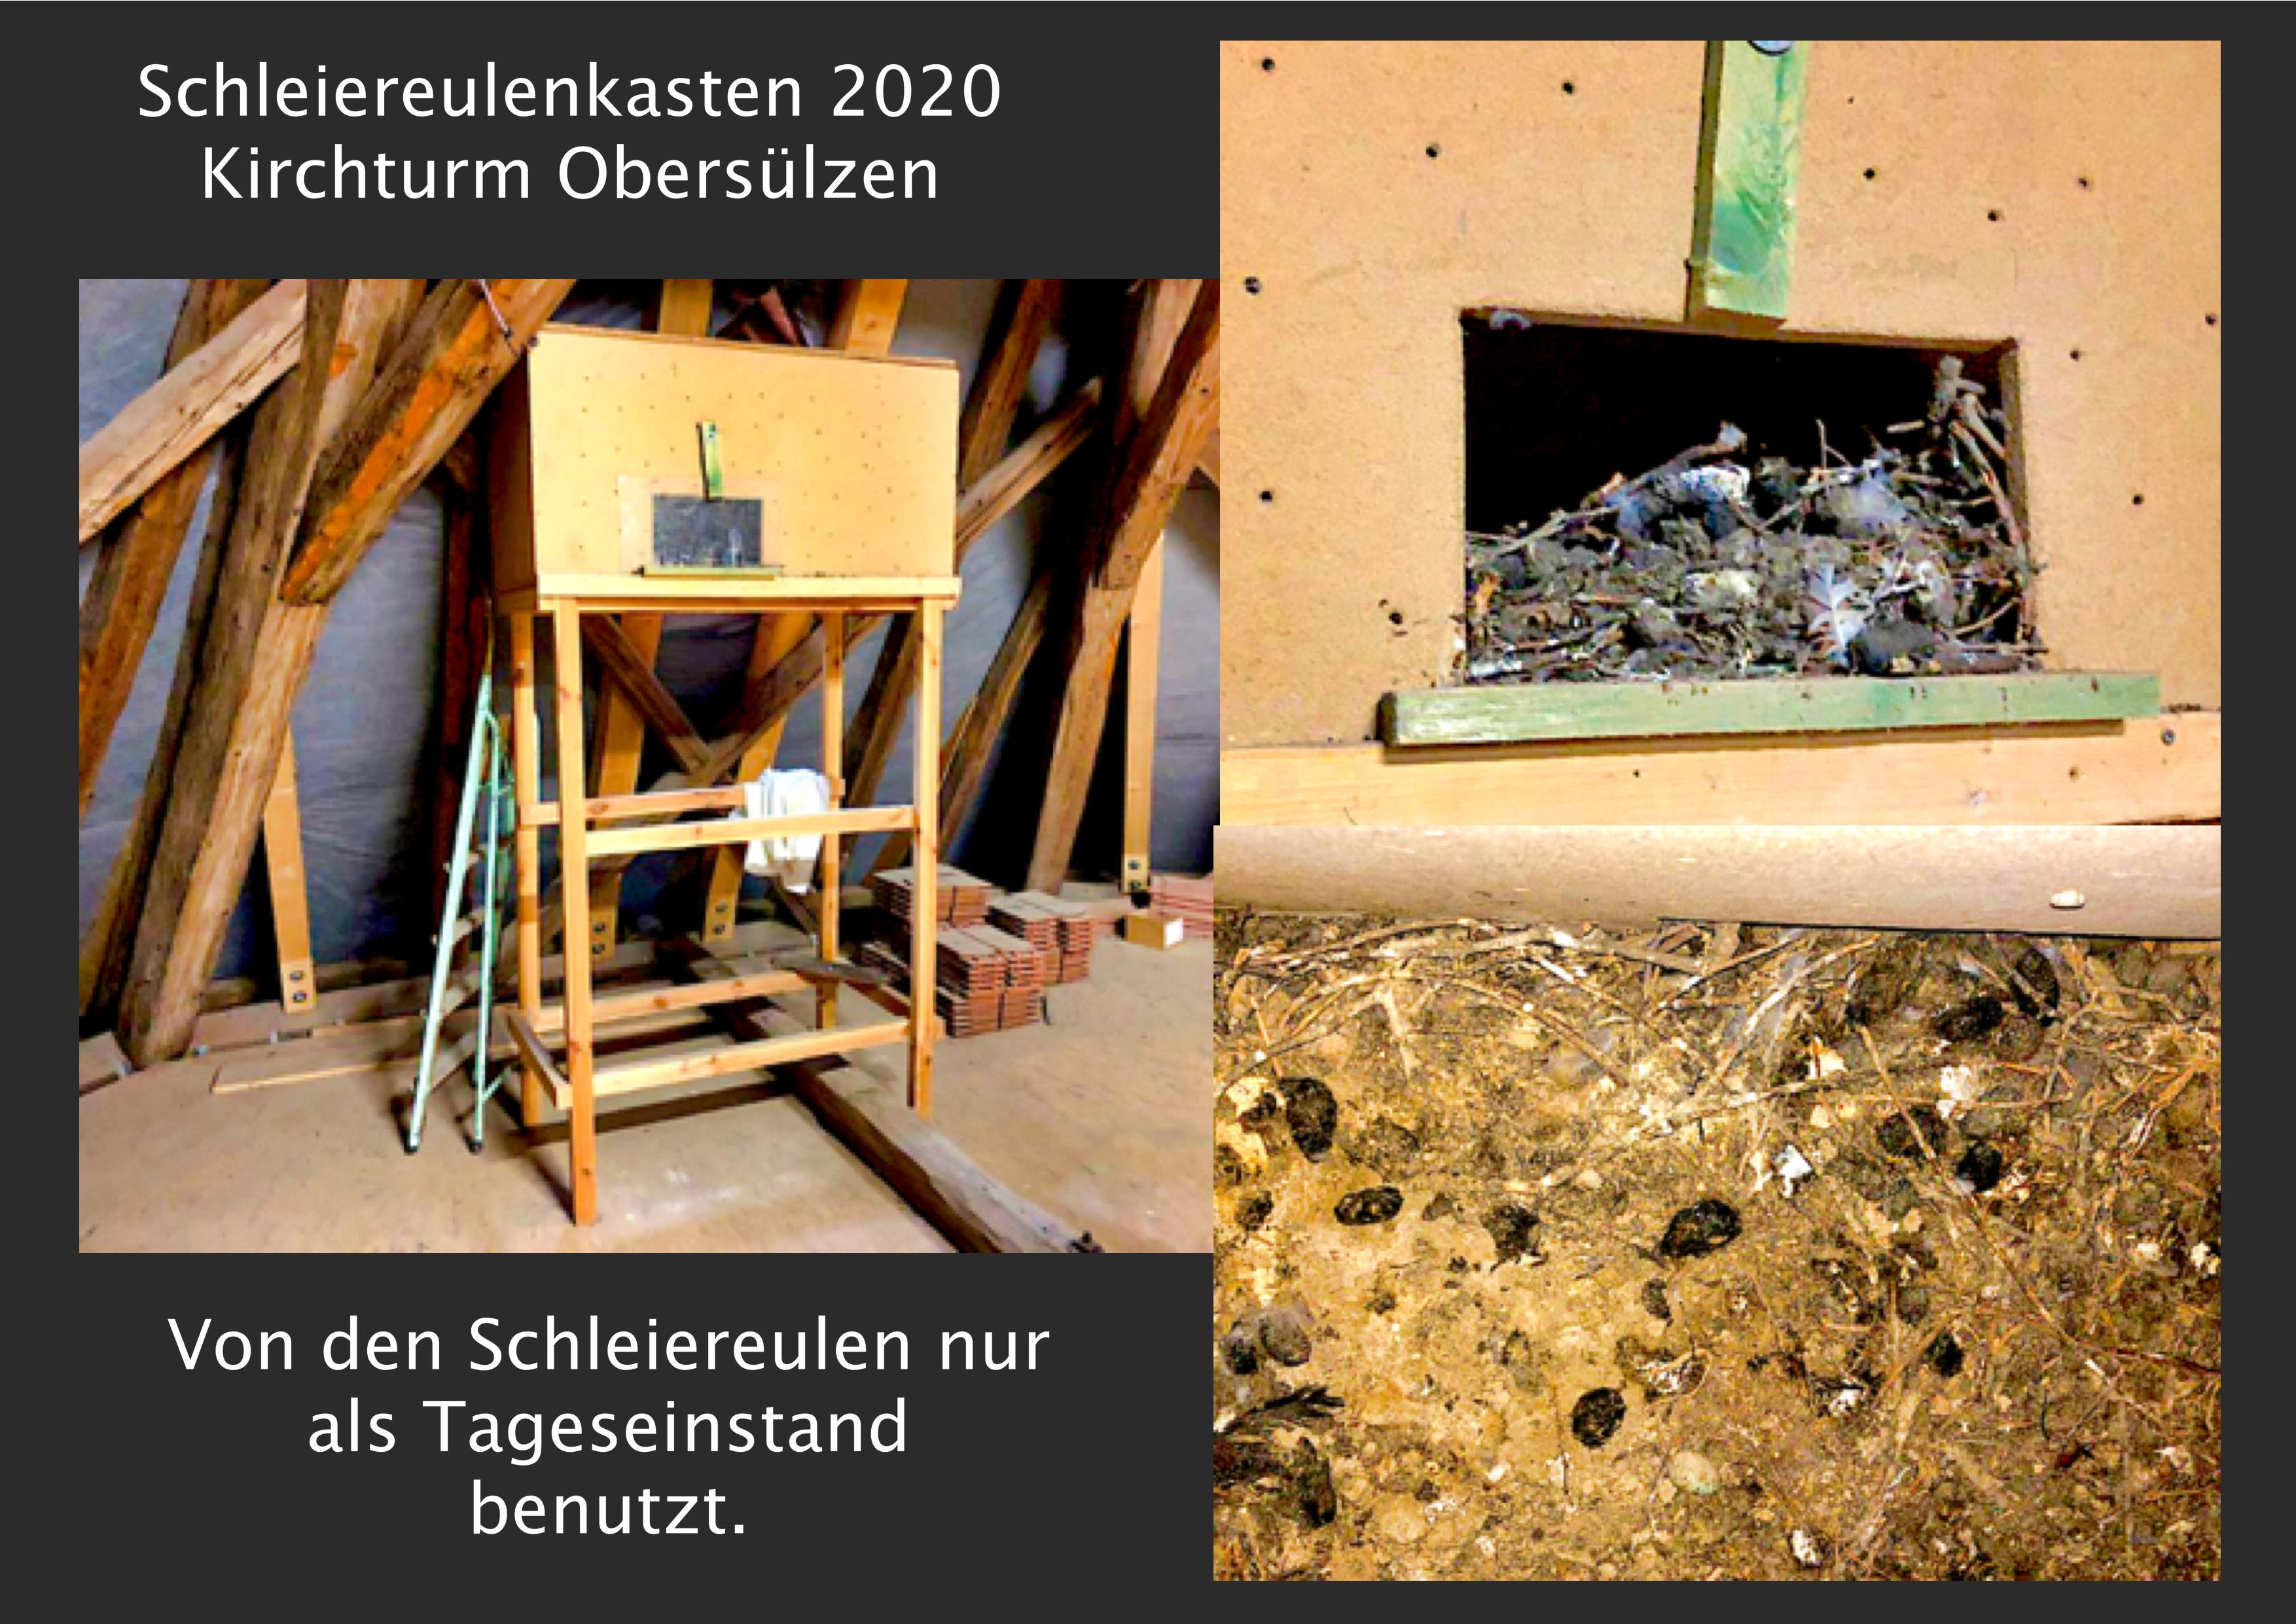 03.Schleiereulenkasten_2020